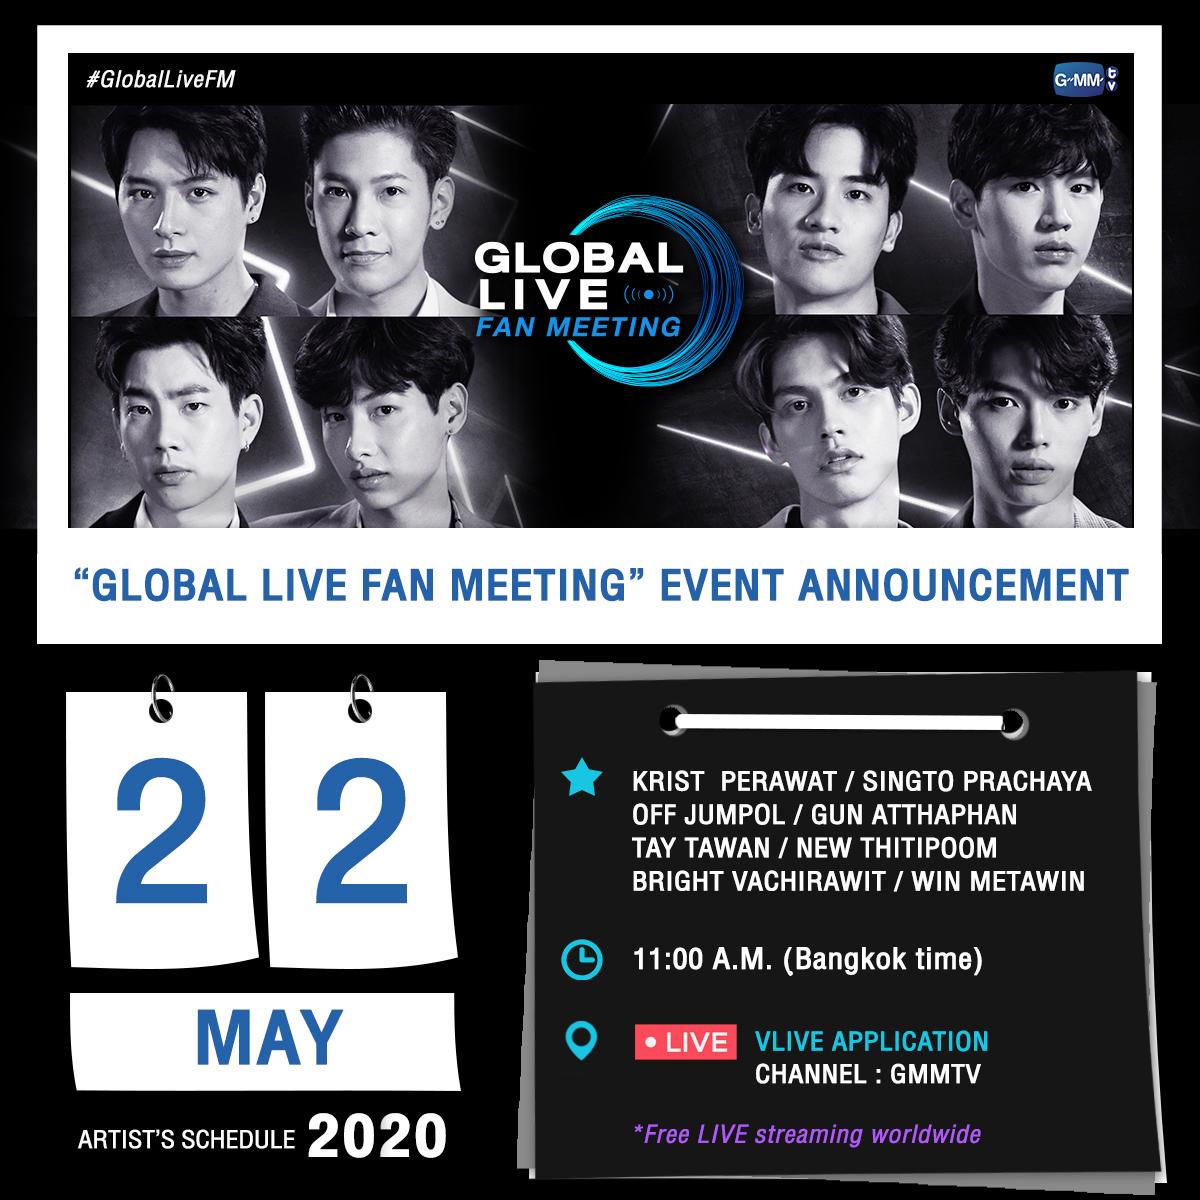 พรุ่งนี้ เตรียมพบกับพวกเขาได้เลย รับชม LIVE ฟรีพร้อมกันทั่วโลก ทาง VLIVE 👉   We're going LIVE Tomorrow! Free streaming worldwide, watch together on VLIVE: GMMTV  明天 准备好与他们见面